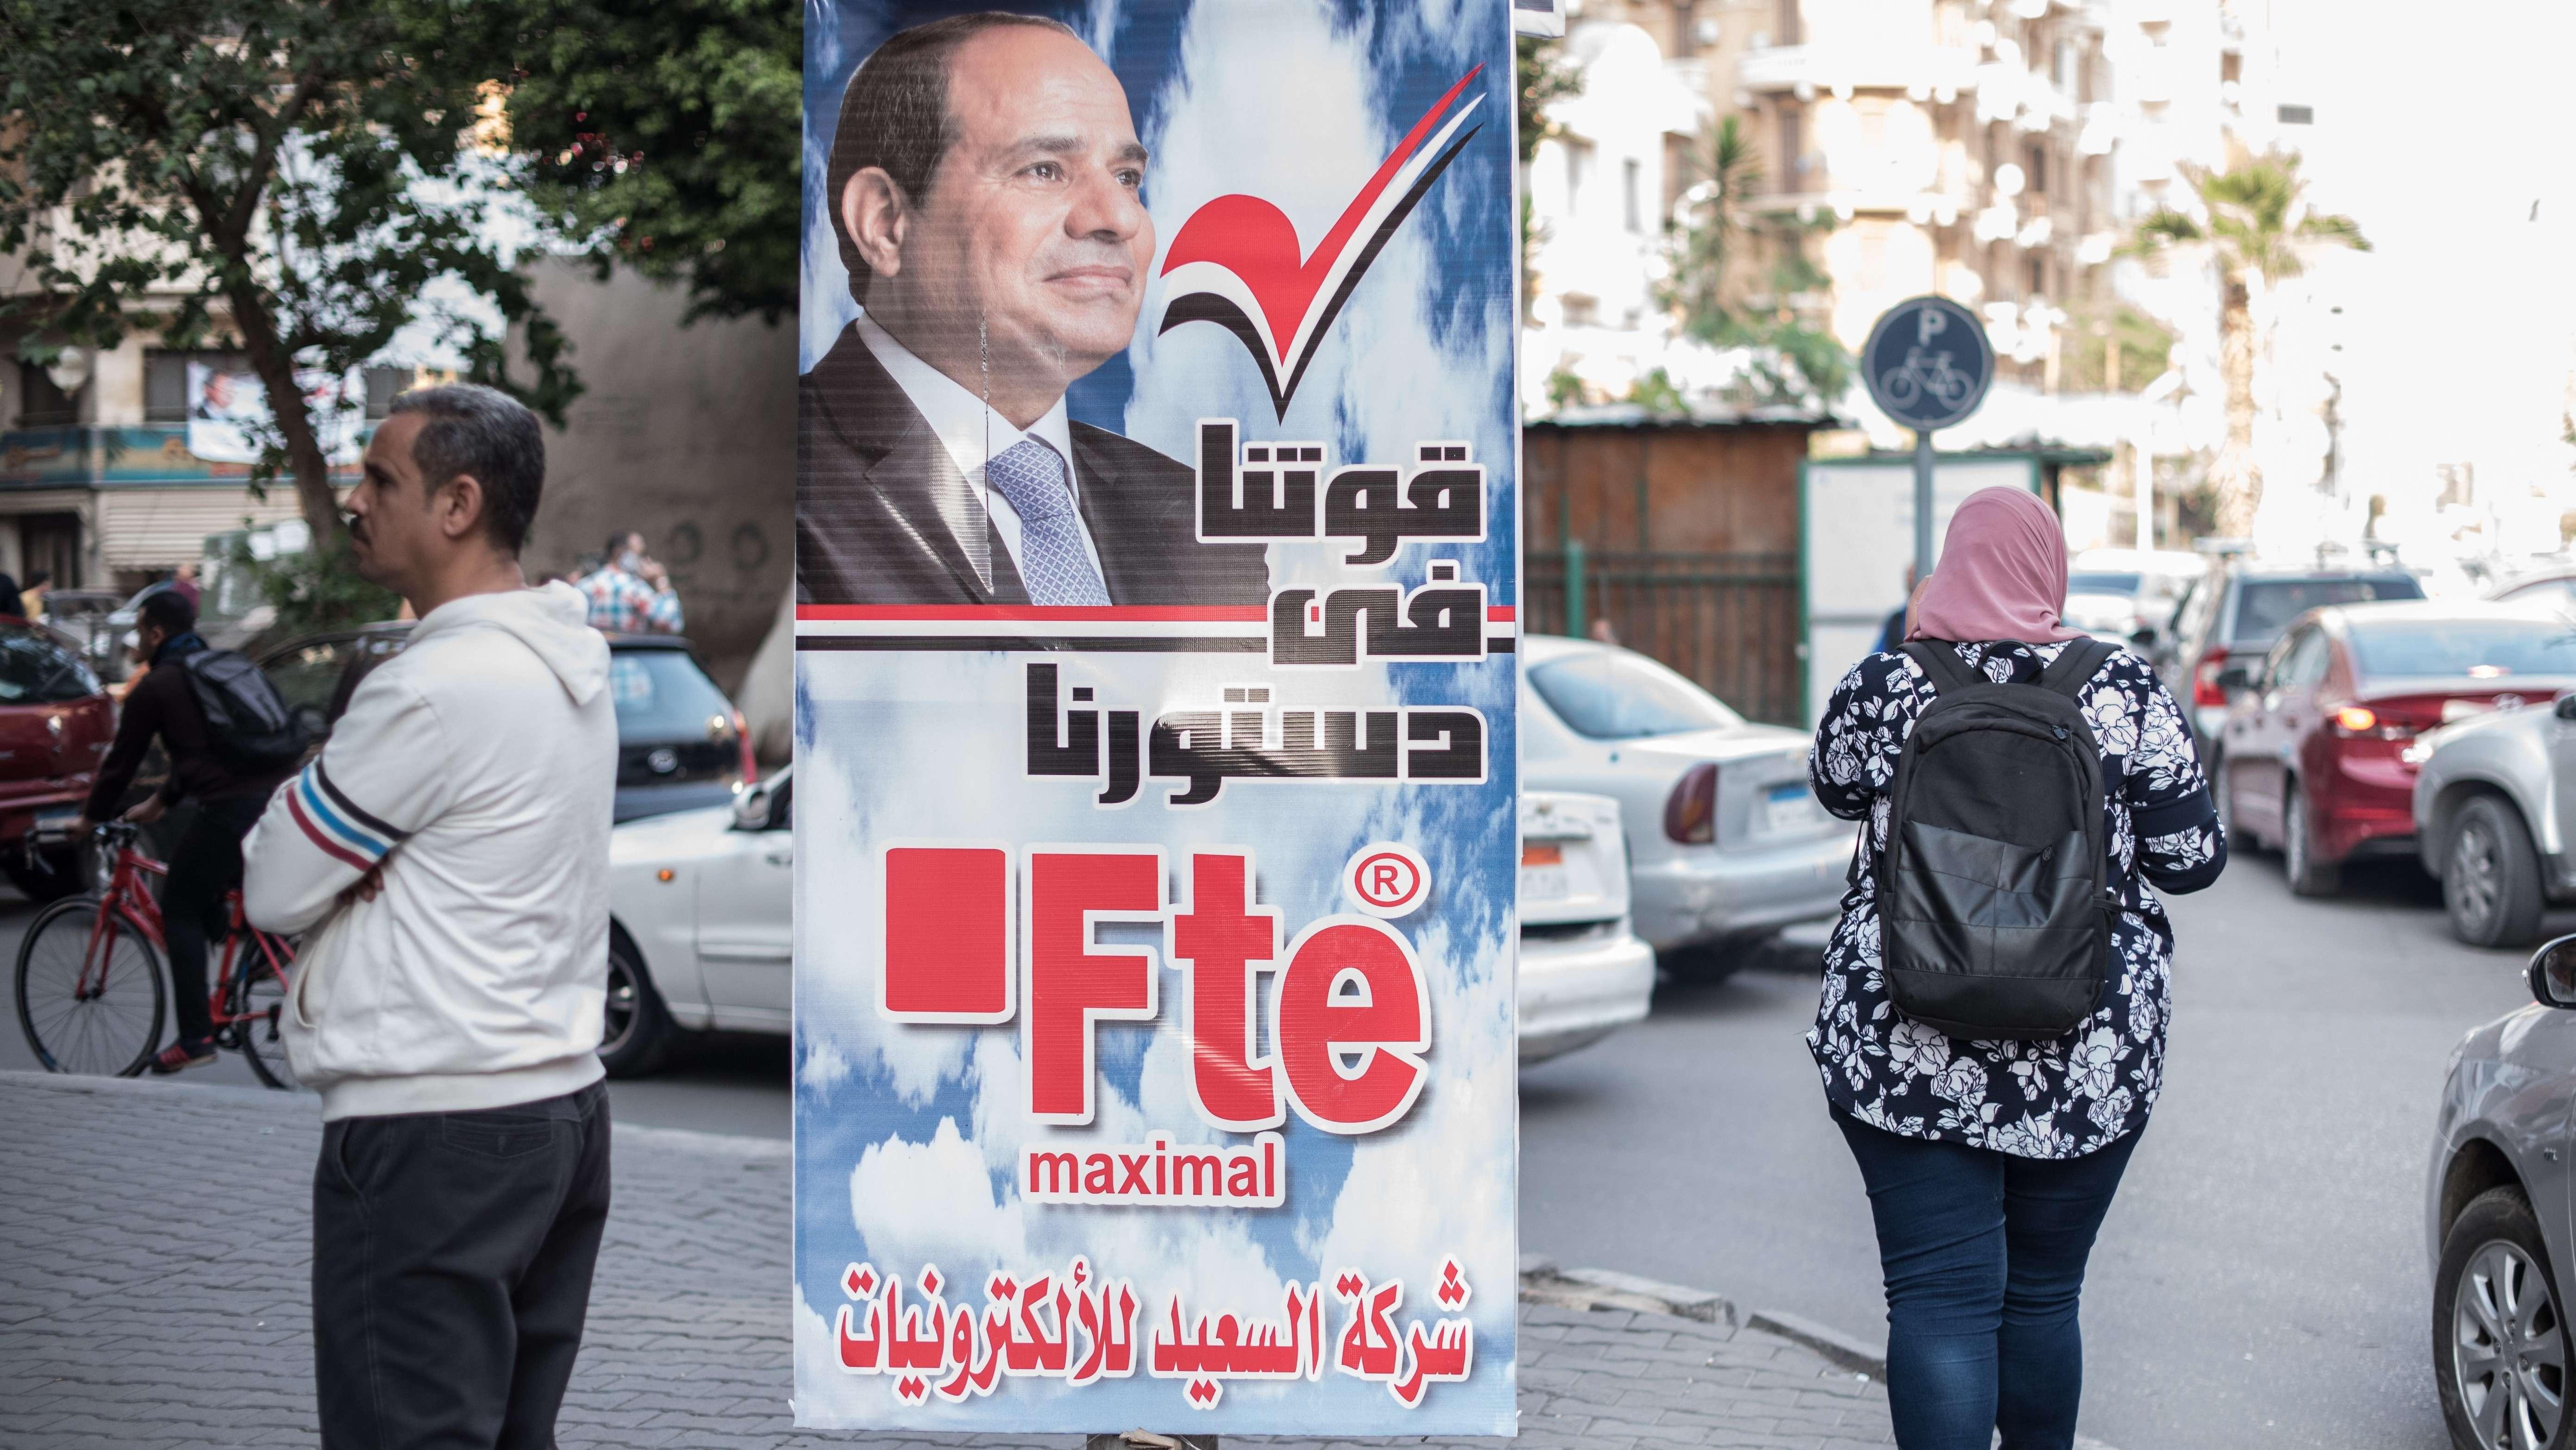 Wahlplakate für das Referendum in Ägypten